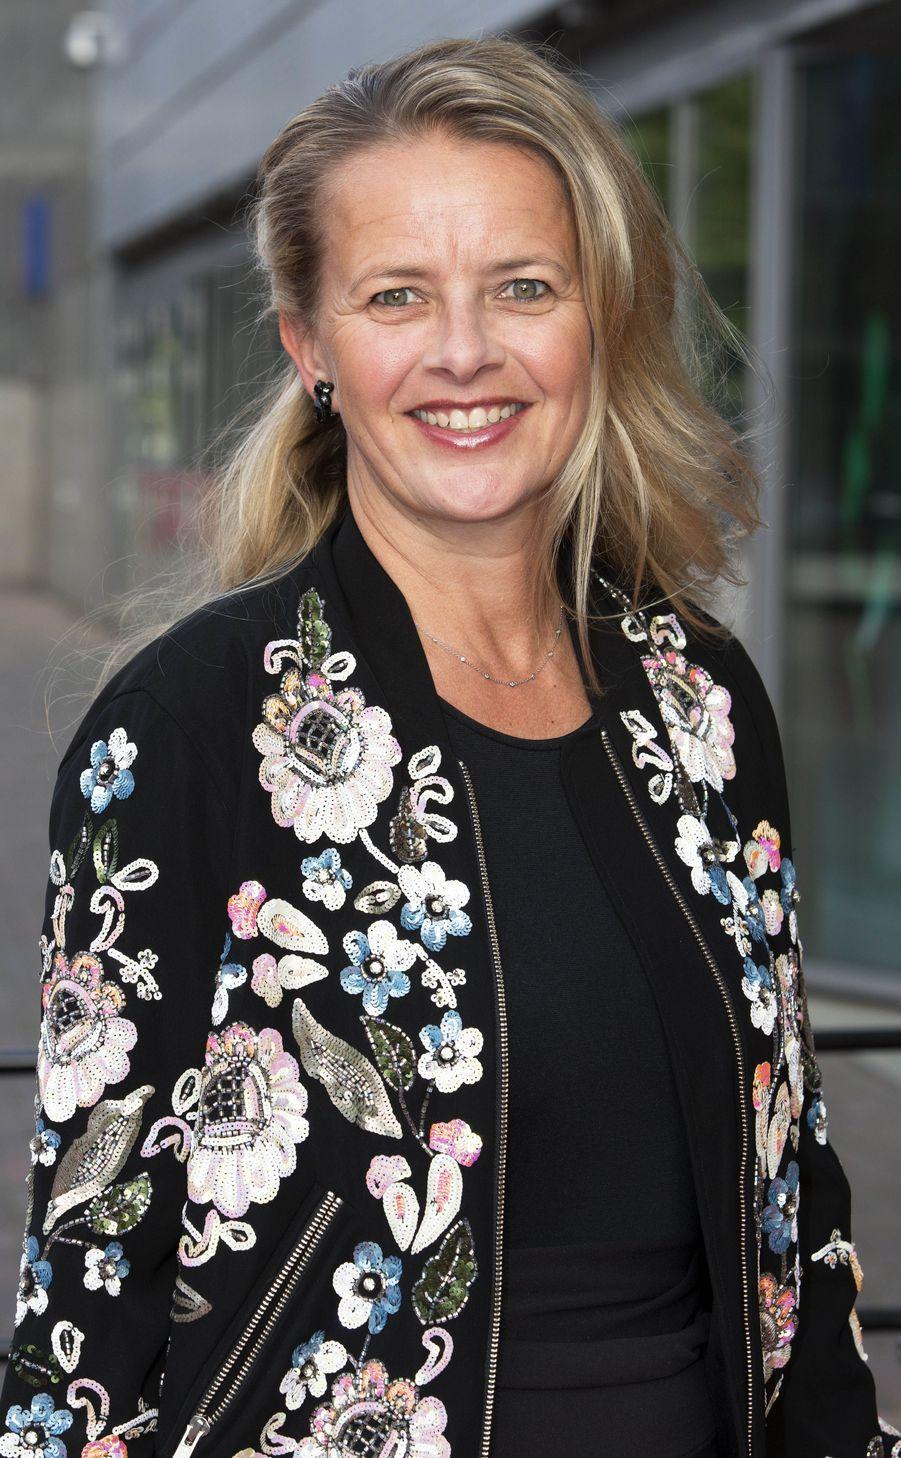 La princesse Mabel des Pays-Bas à Amsterdam, le 16 mai 2018